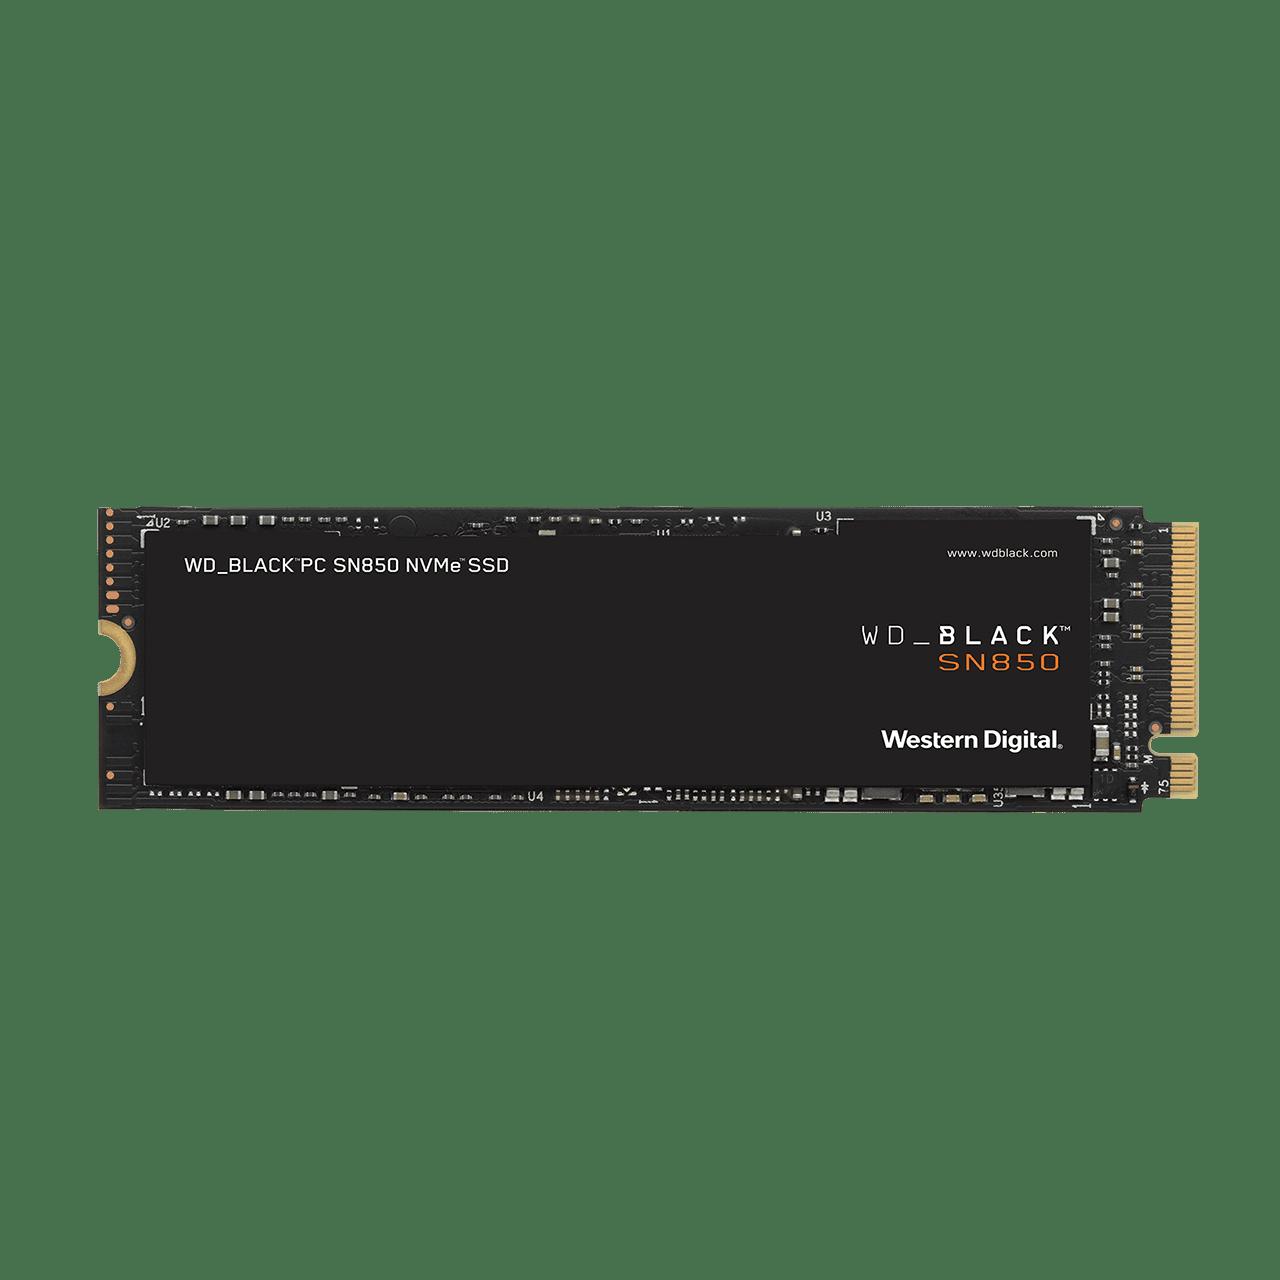 SSD 500GB WD_BLACK SN850 NVMe M.2 PCIe Gen4 2280